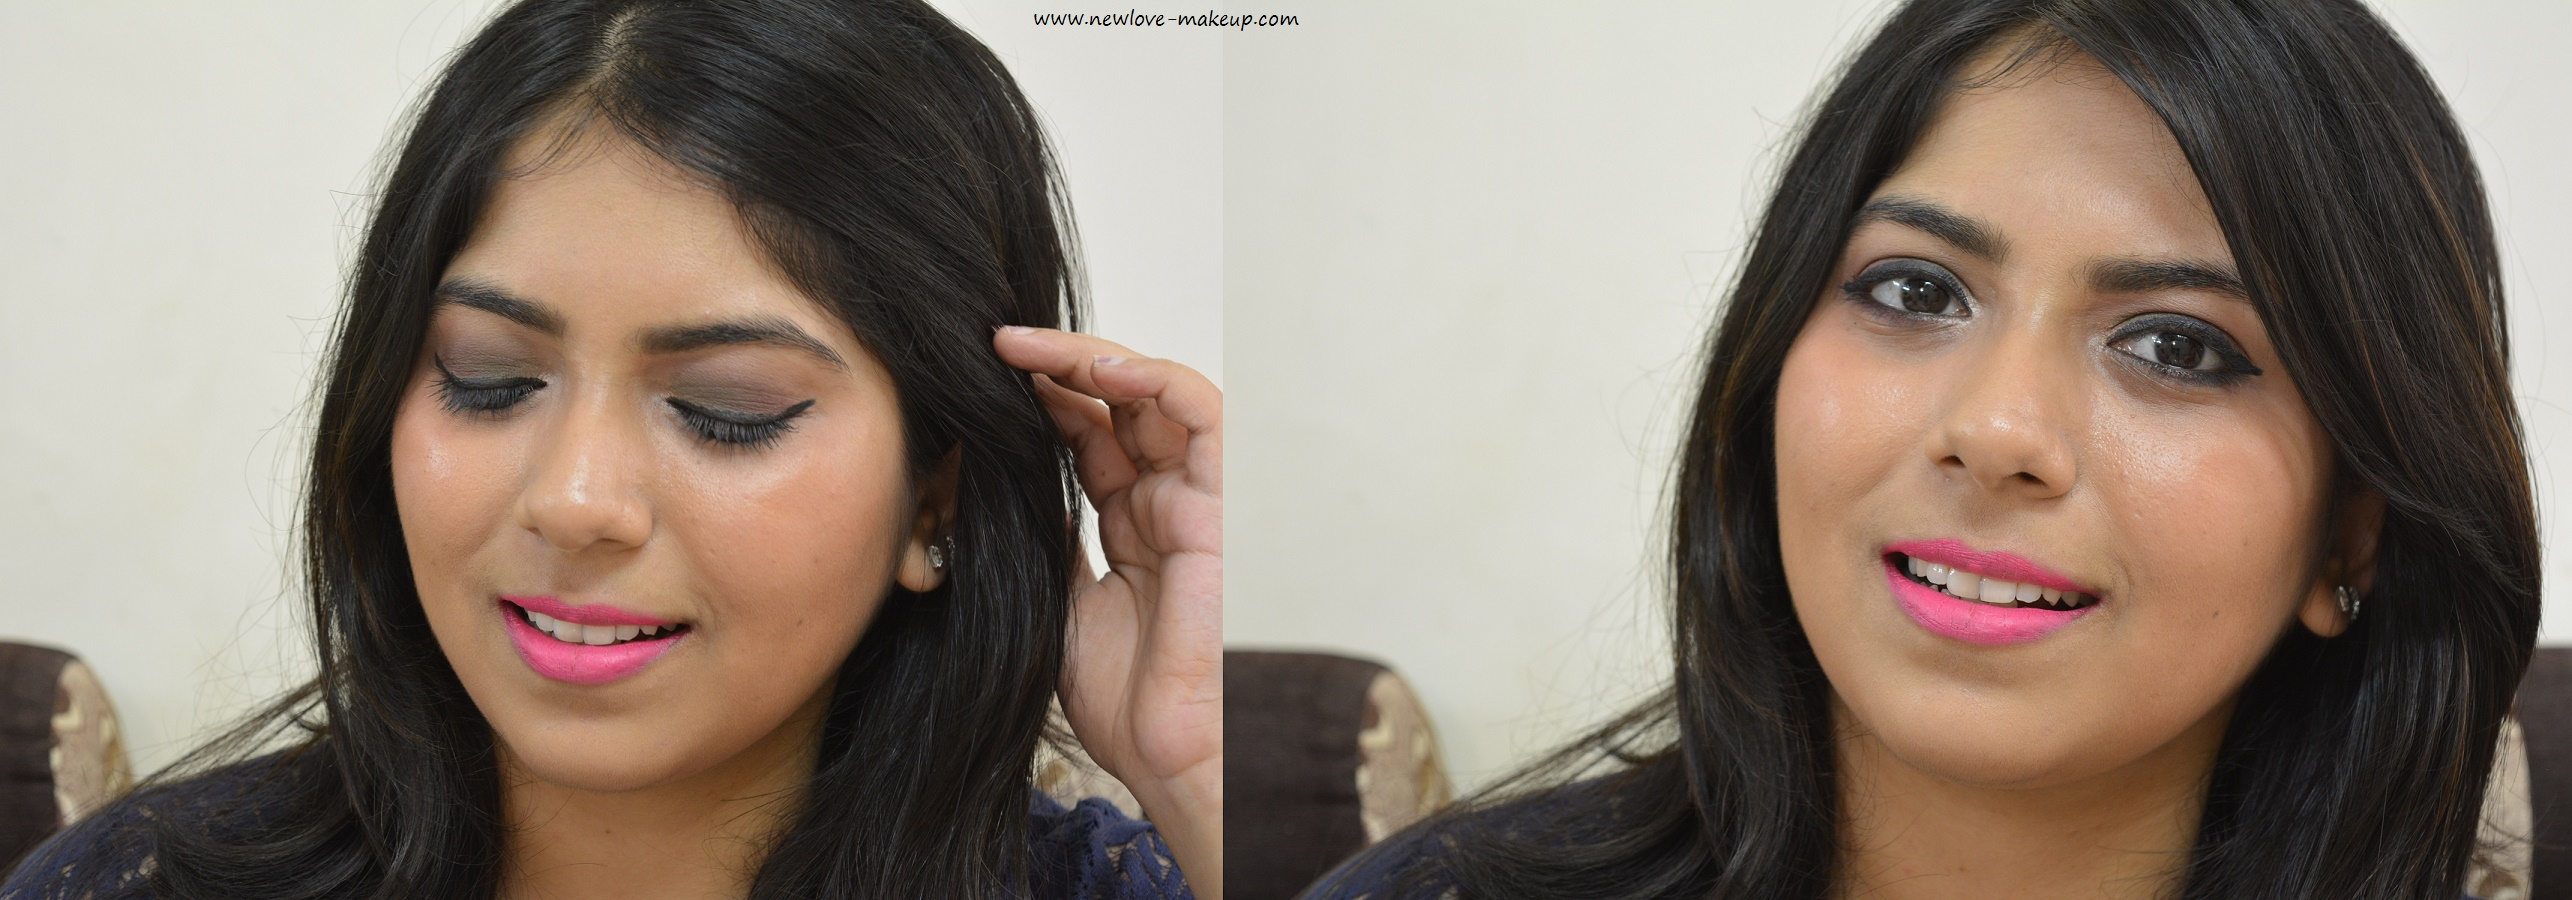 Makeup Tutorial: Fall/Winter Smokey Eyes | Indian Skin Tone